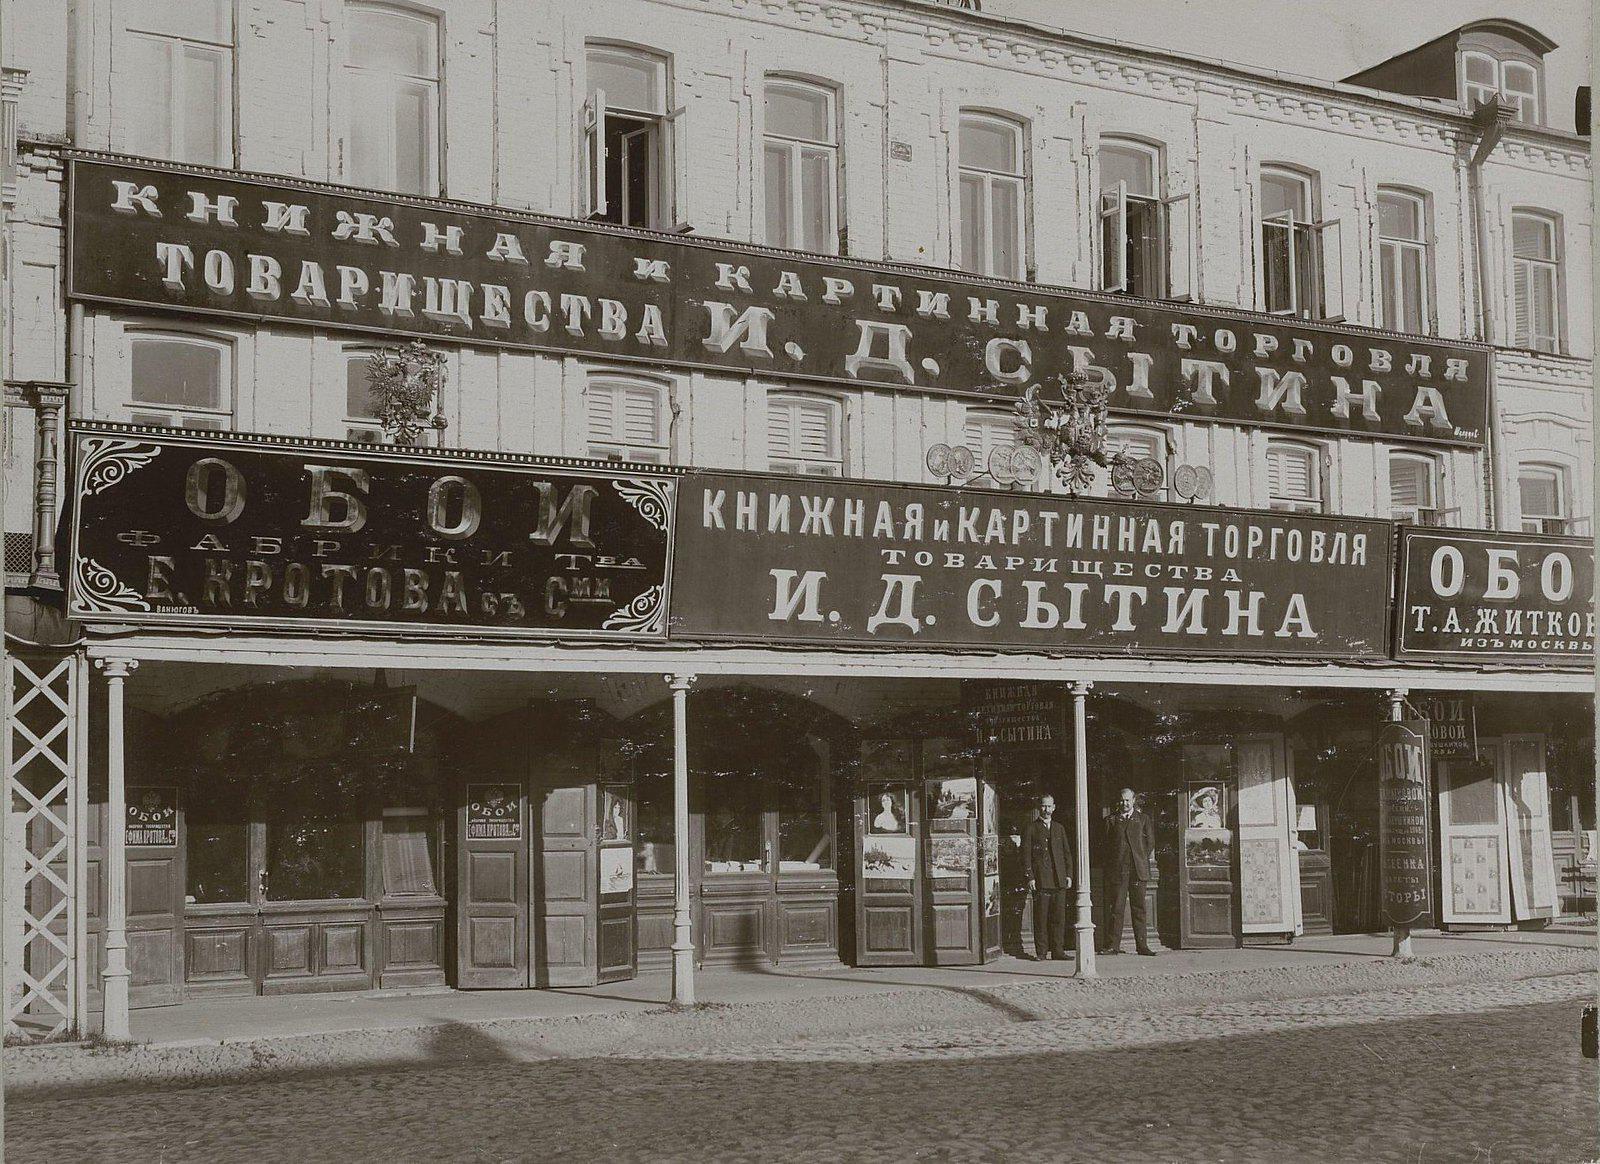 24. 1913. Книготорговое заведение Сытина